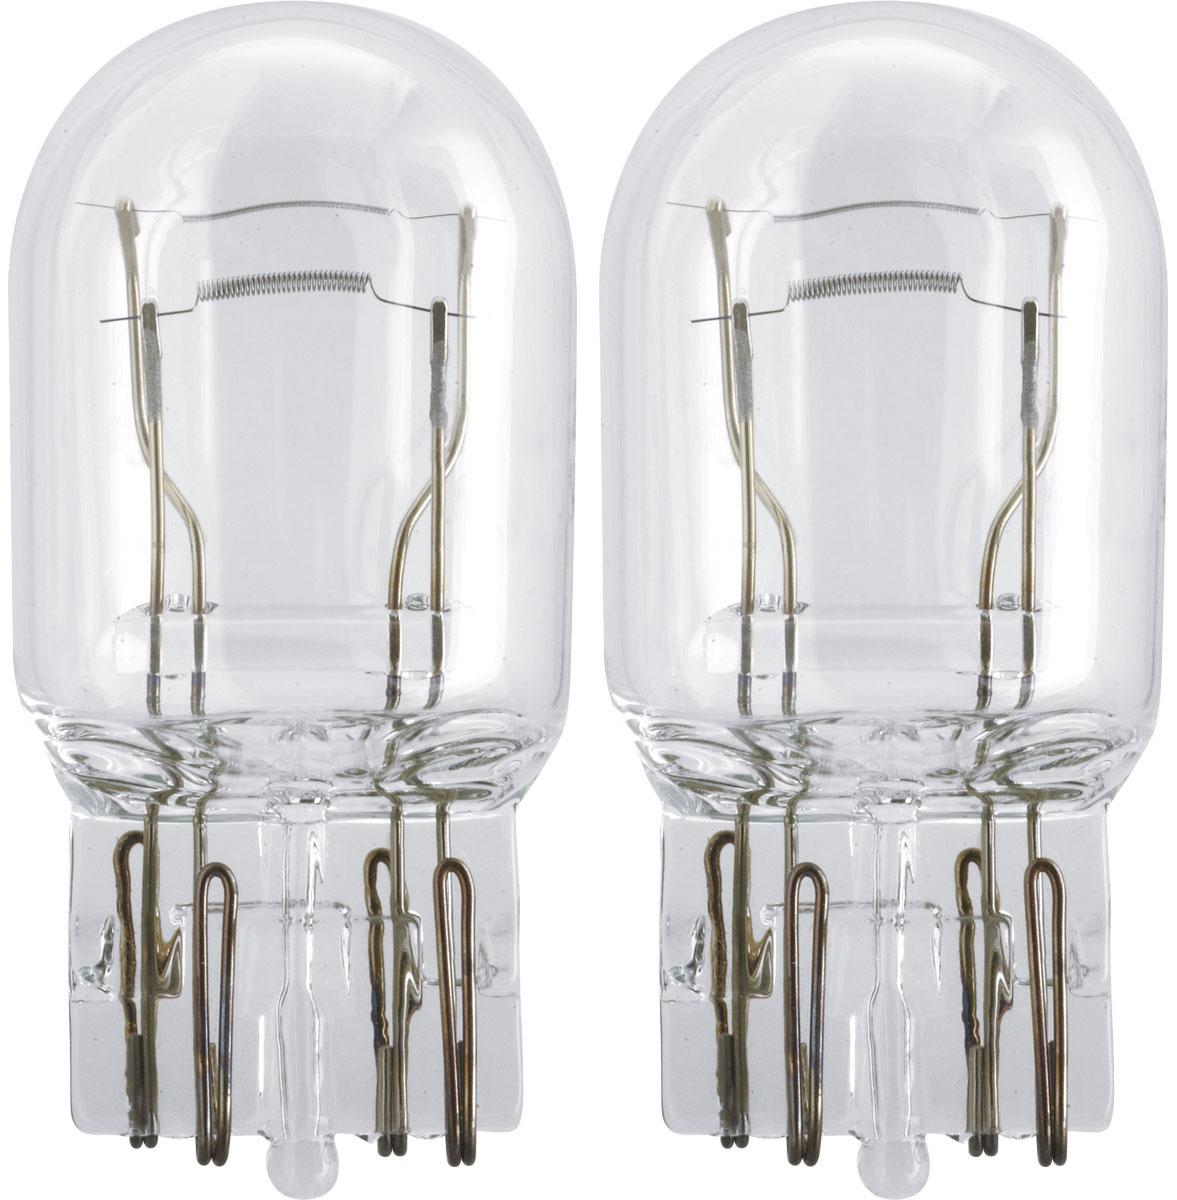 Лампа автомобильная галогенная Philips Vision, сигнальная, цоколь W21/5W, 12V, 21/5W, 2 шт лампа галогенная philips h7 5000k diamond vision максимальный эффект ксенона 2 шт 12972dvs2